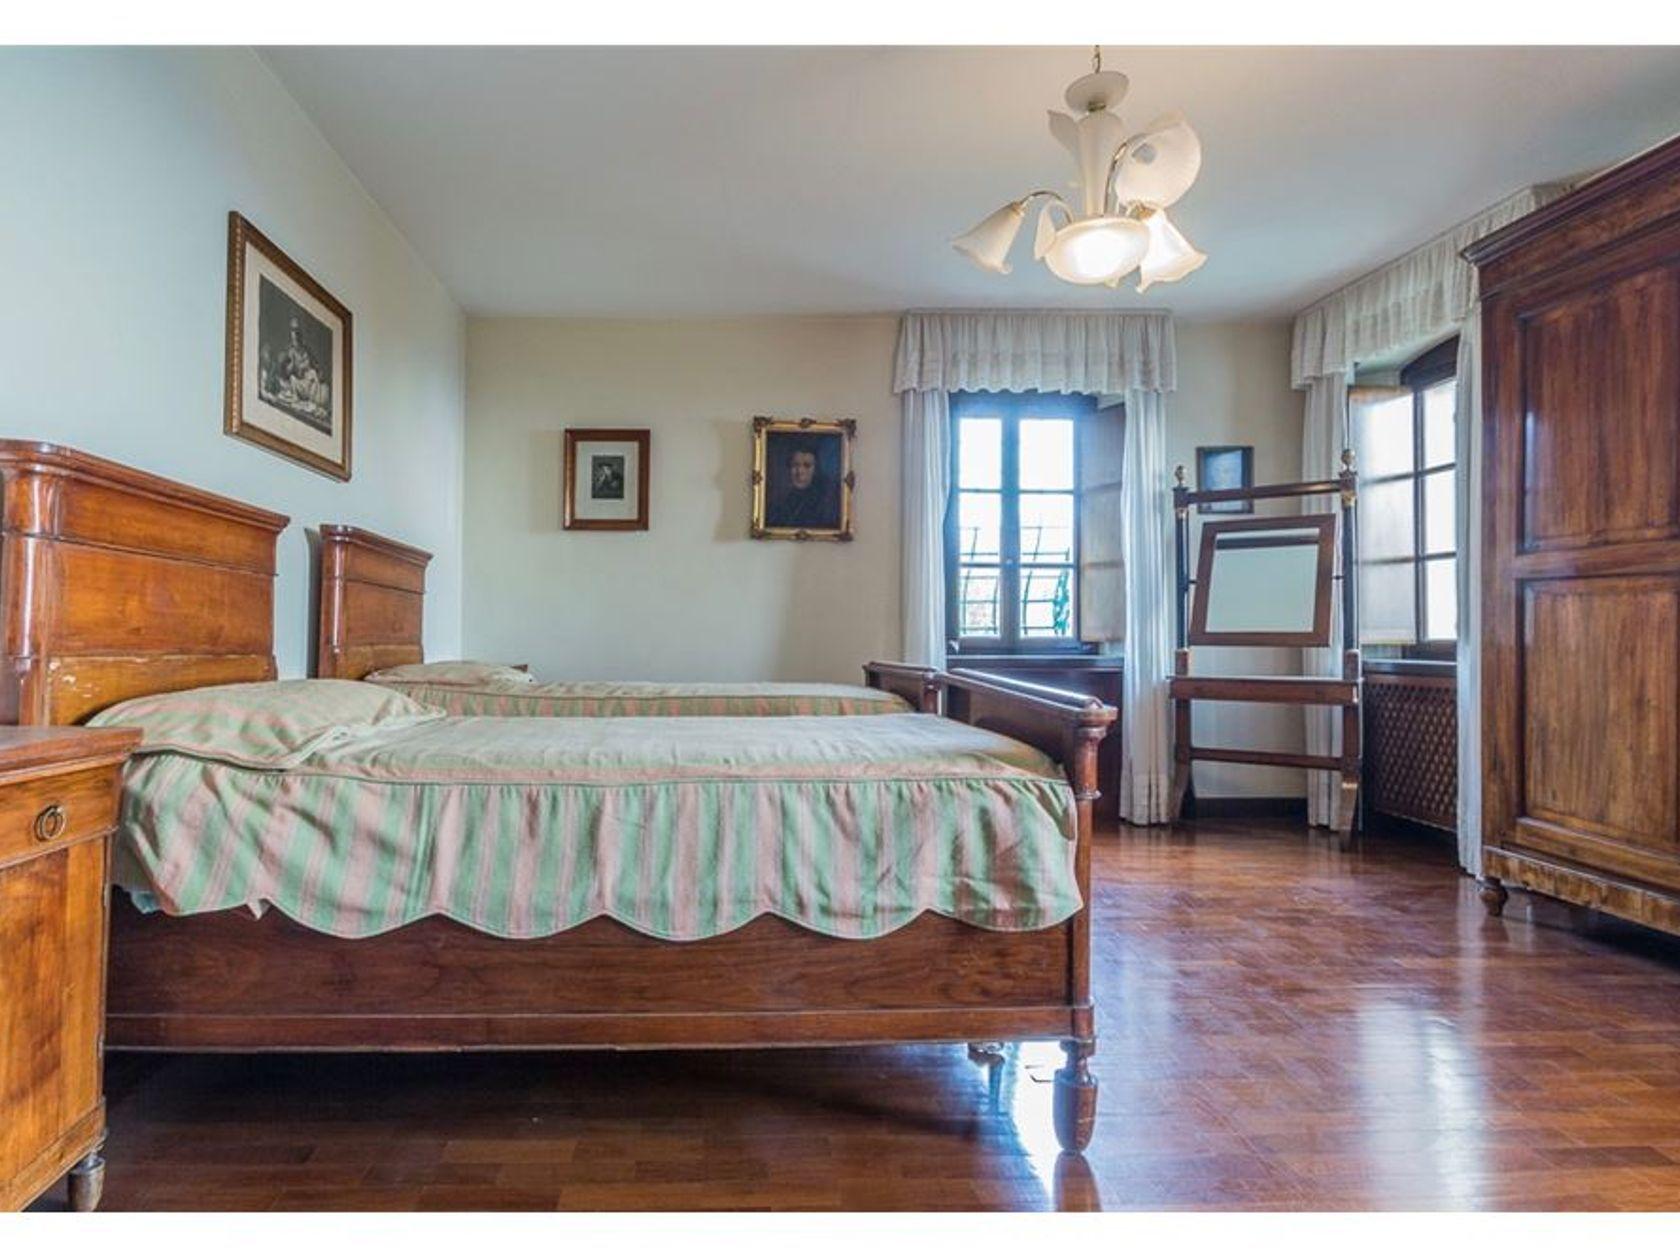 Casa Indipendente Valdonega, Verona, VR Vendita - Foto 21